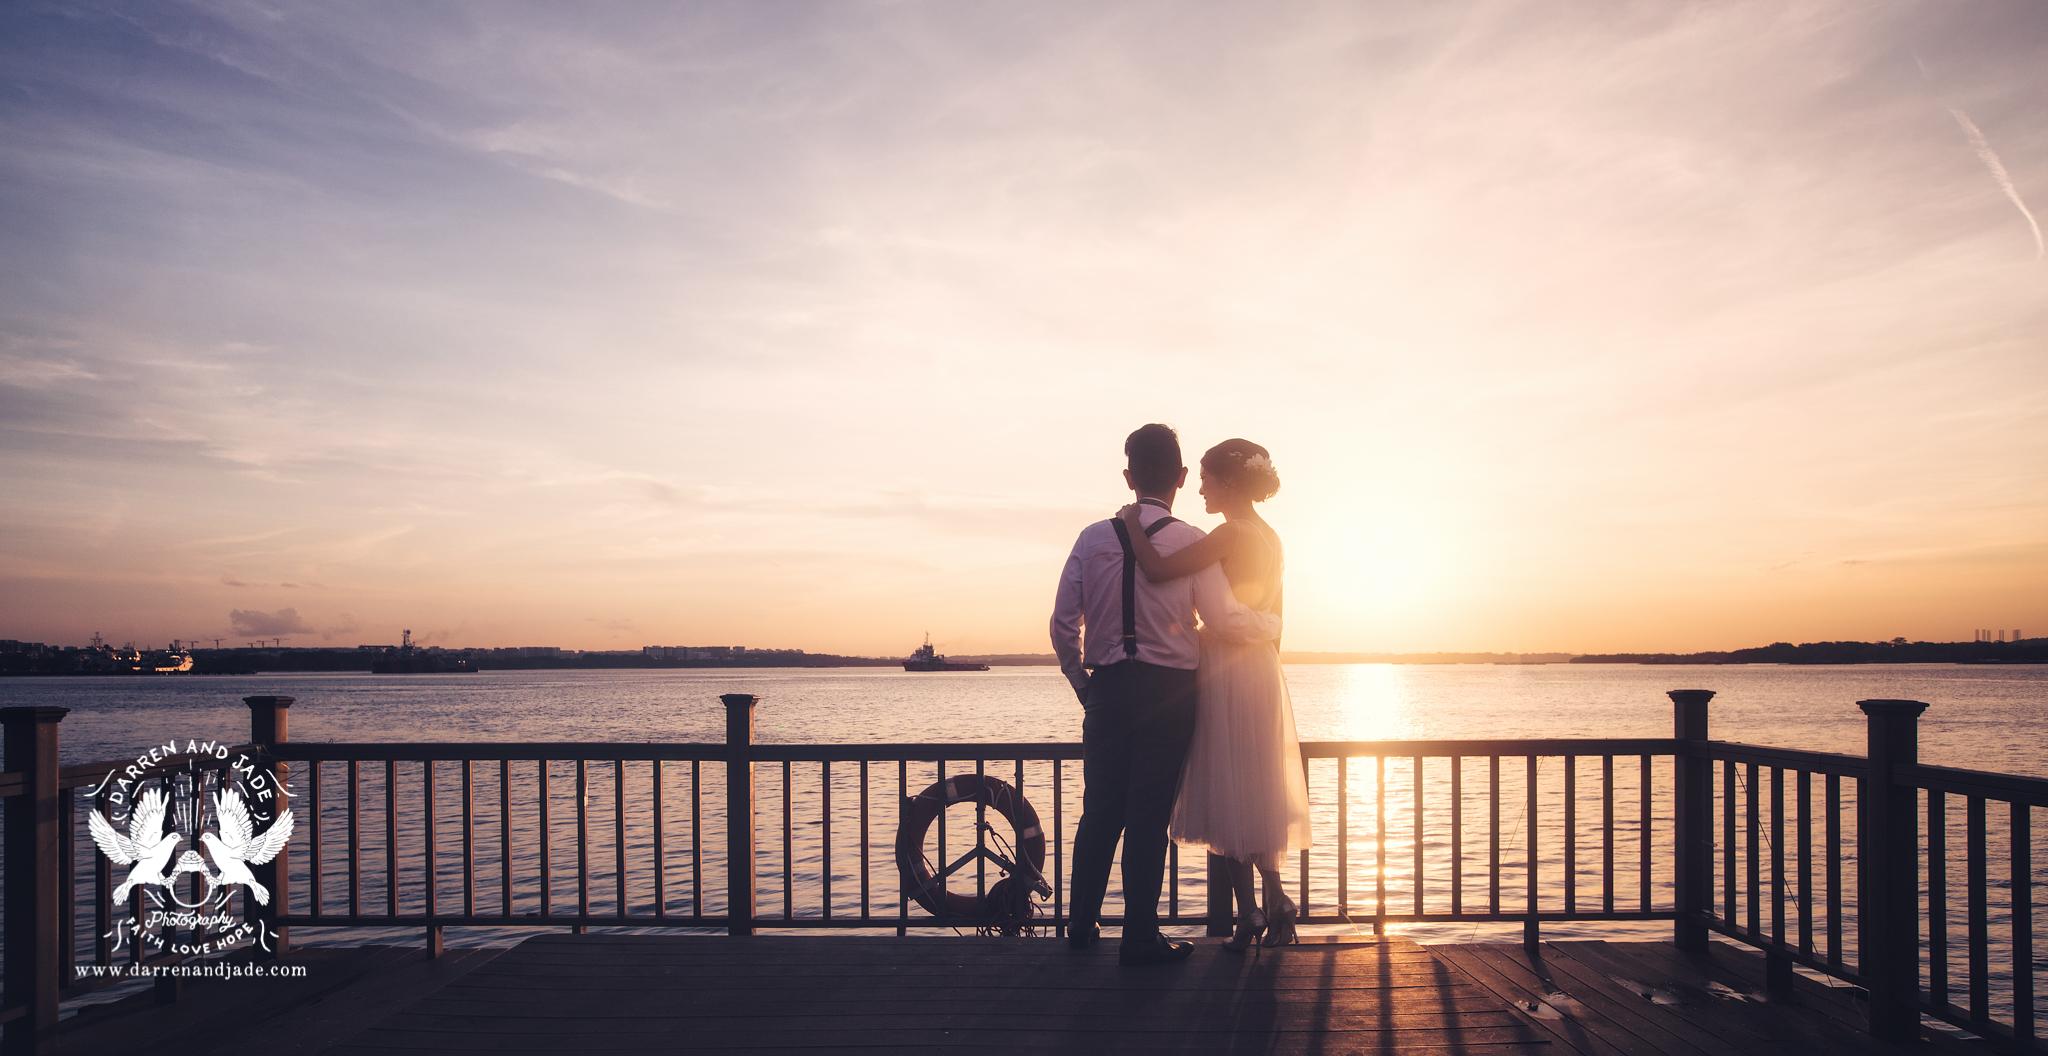 Hannah & Amos - Engagement - Selects - Sharing (56 of 56).jpg